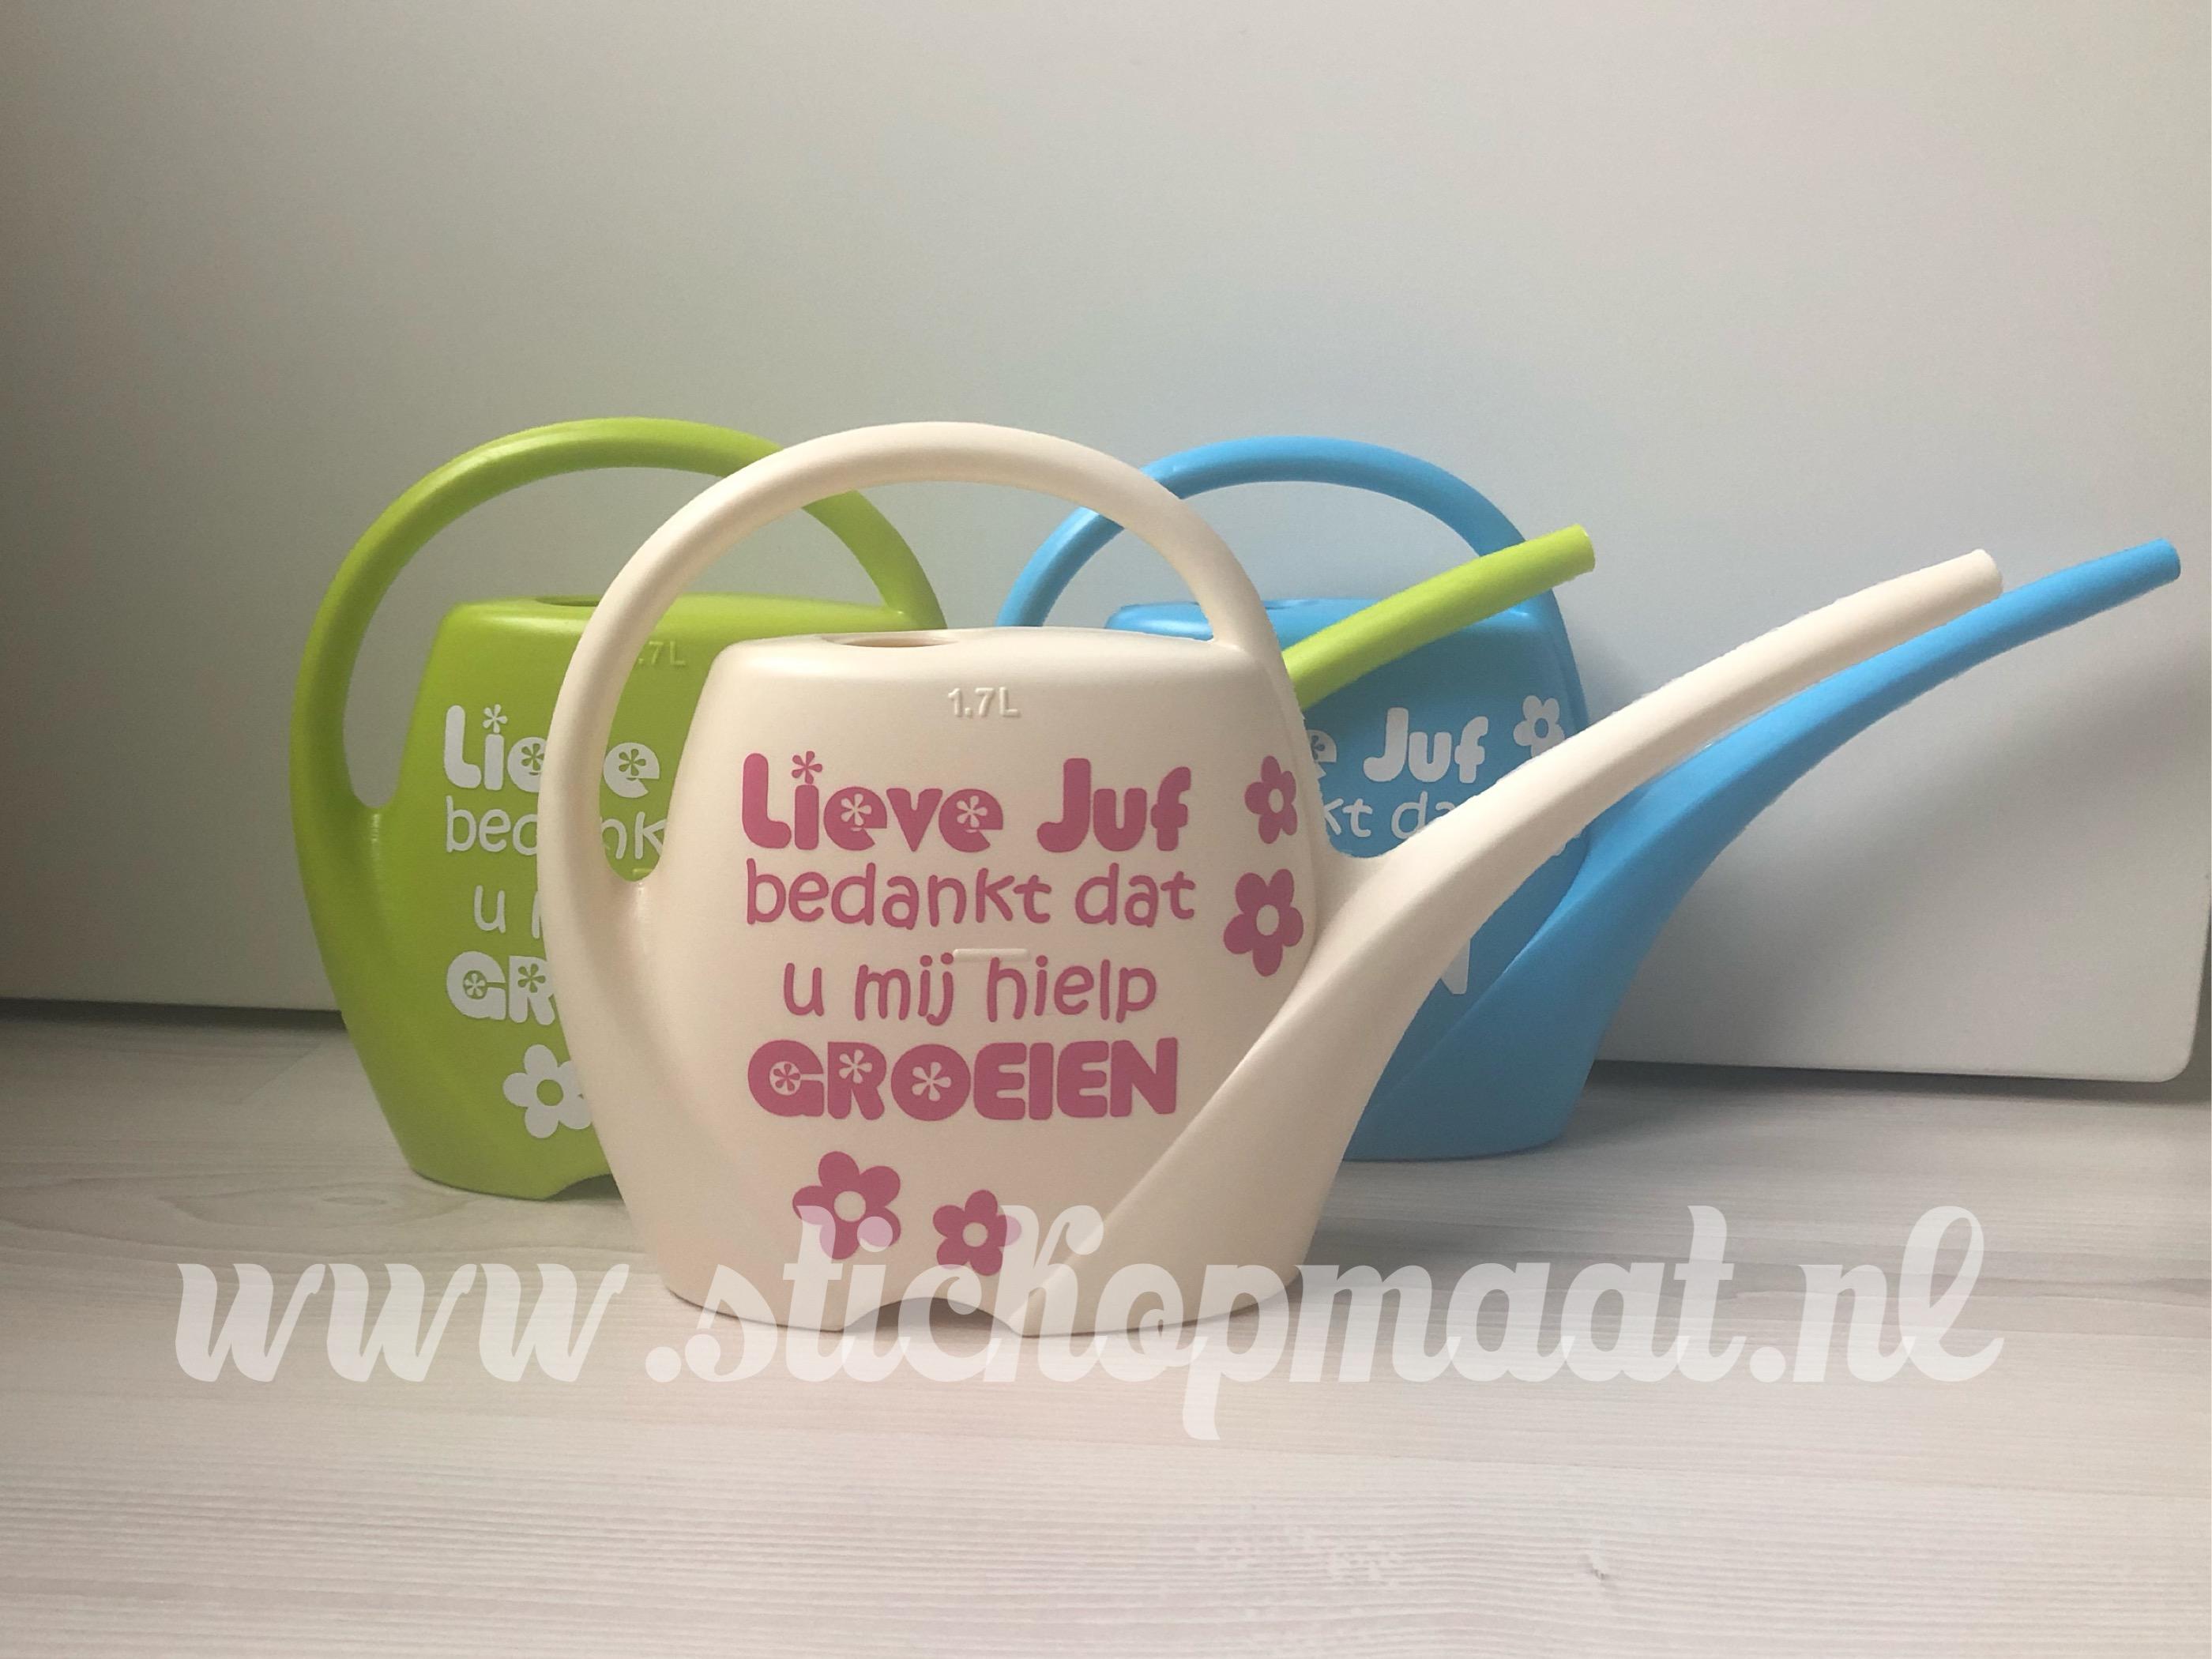 Gieter Juf Afscheid Cadeau Stickers Op Maat